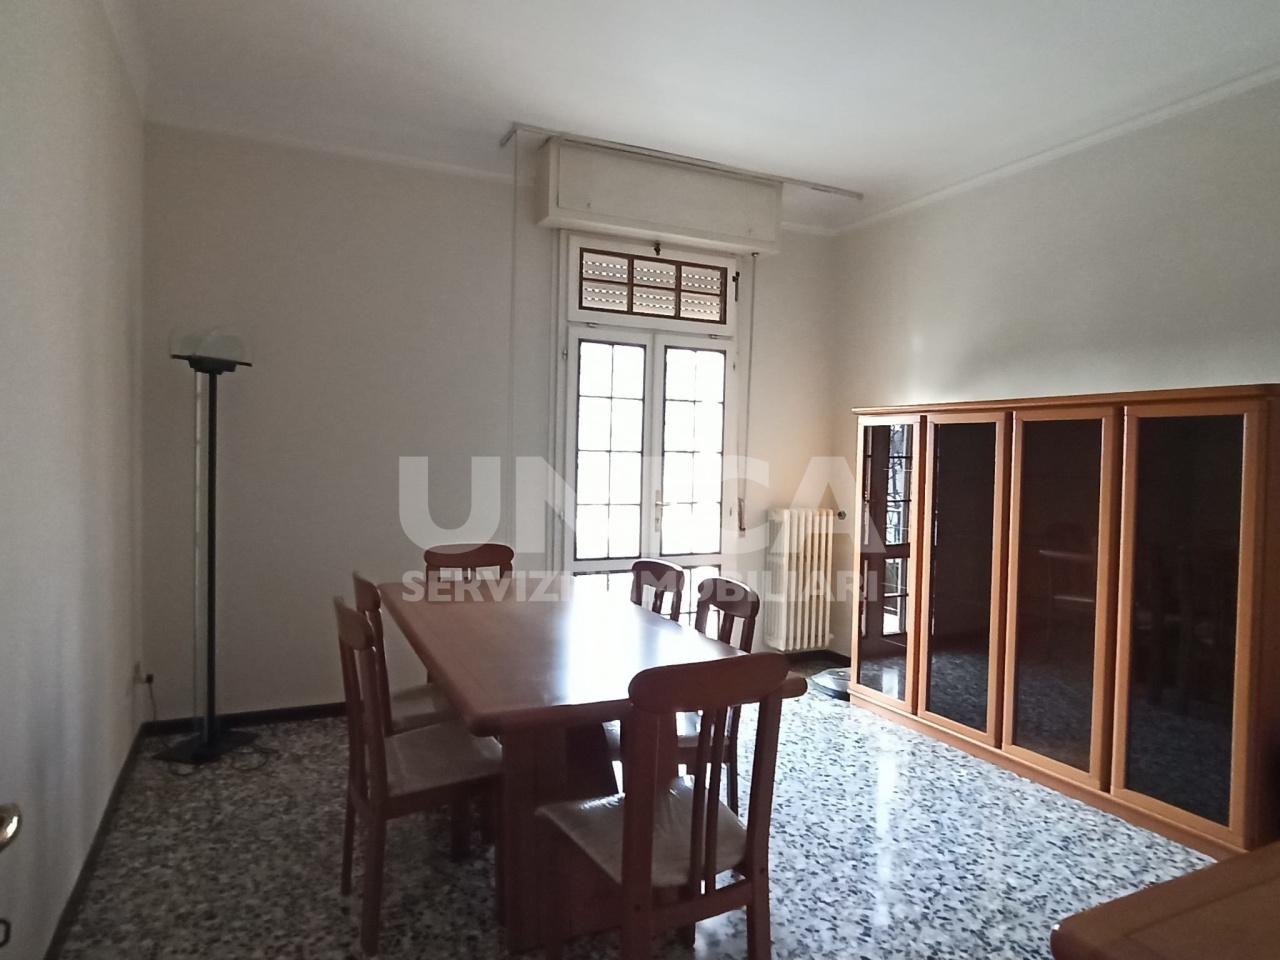 Appartamento in affitto a Brescia (BS)